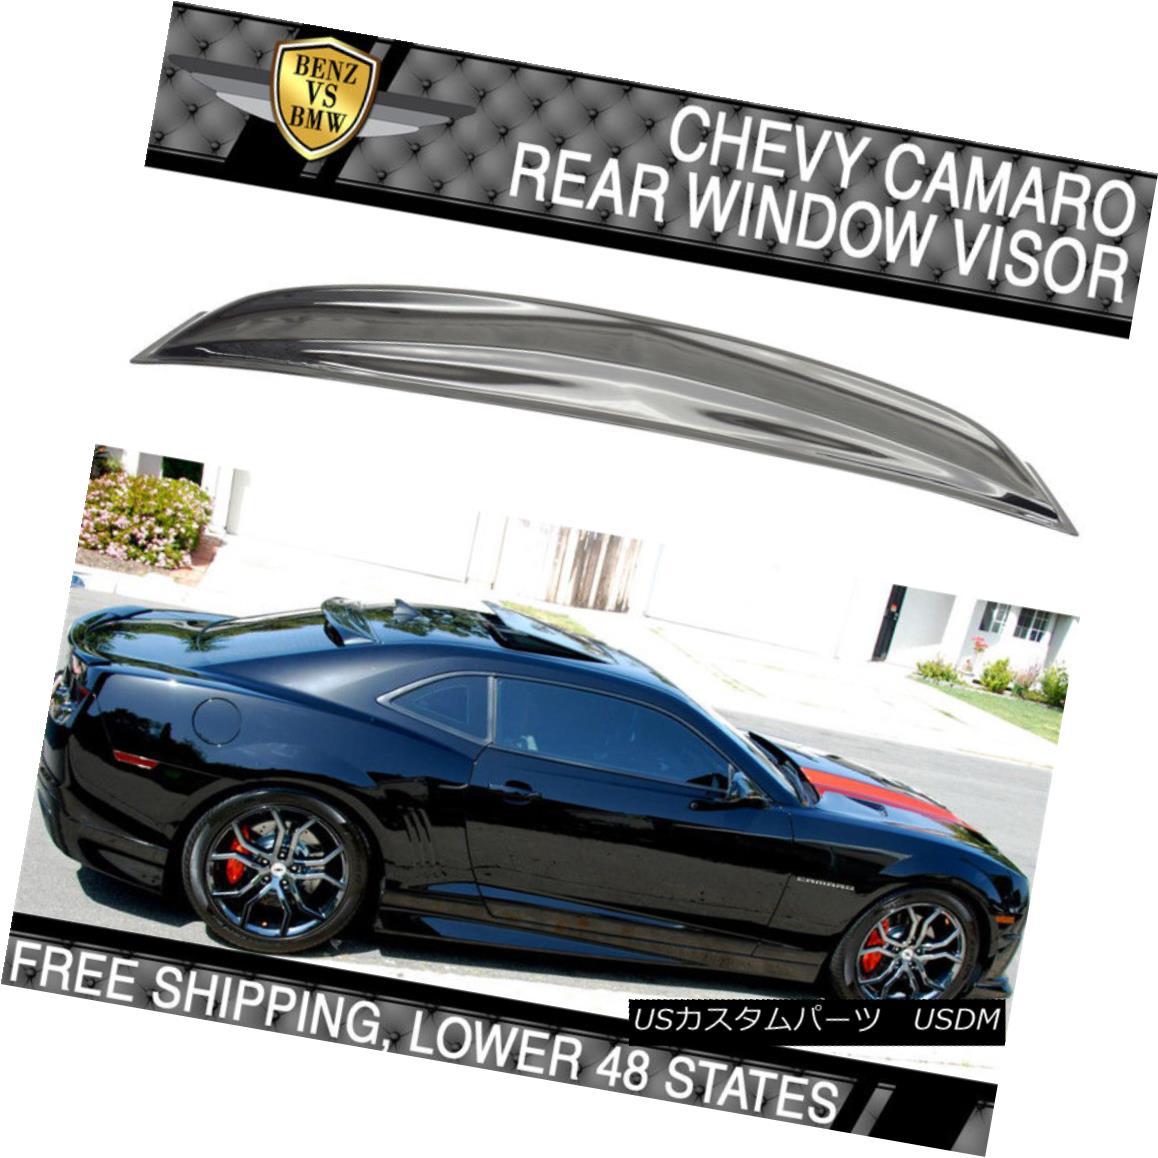 エアロパーツ Fits 10-16 Chevrolet Camaro Rear Roof Window Visor Shade Vent Deflector Spoiler フィット10-16シボレーカマロリアルーフウィンドウバイザーシェードベントデフレクタースポイラー